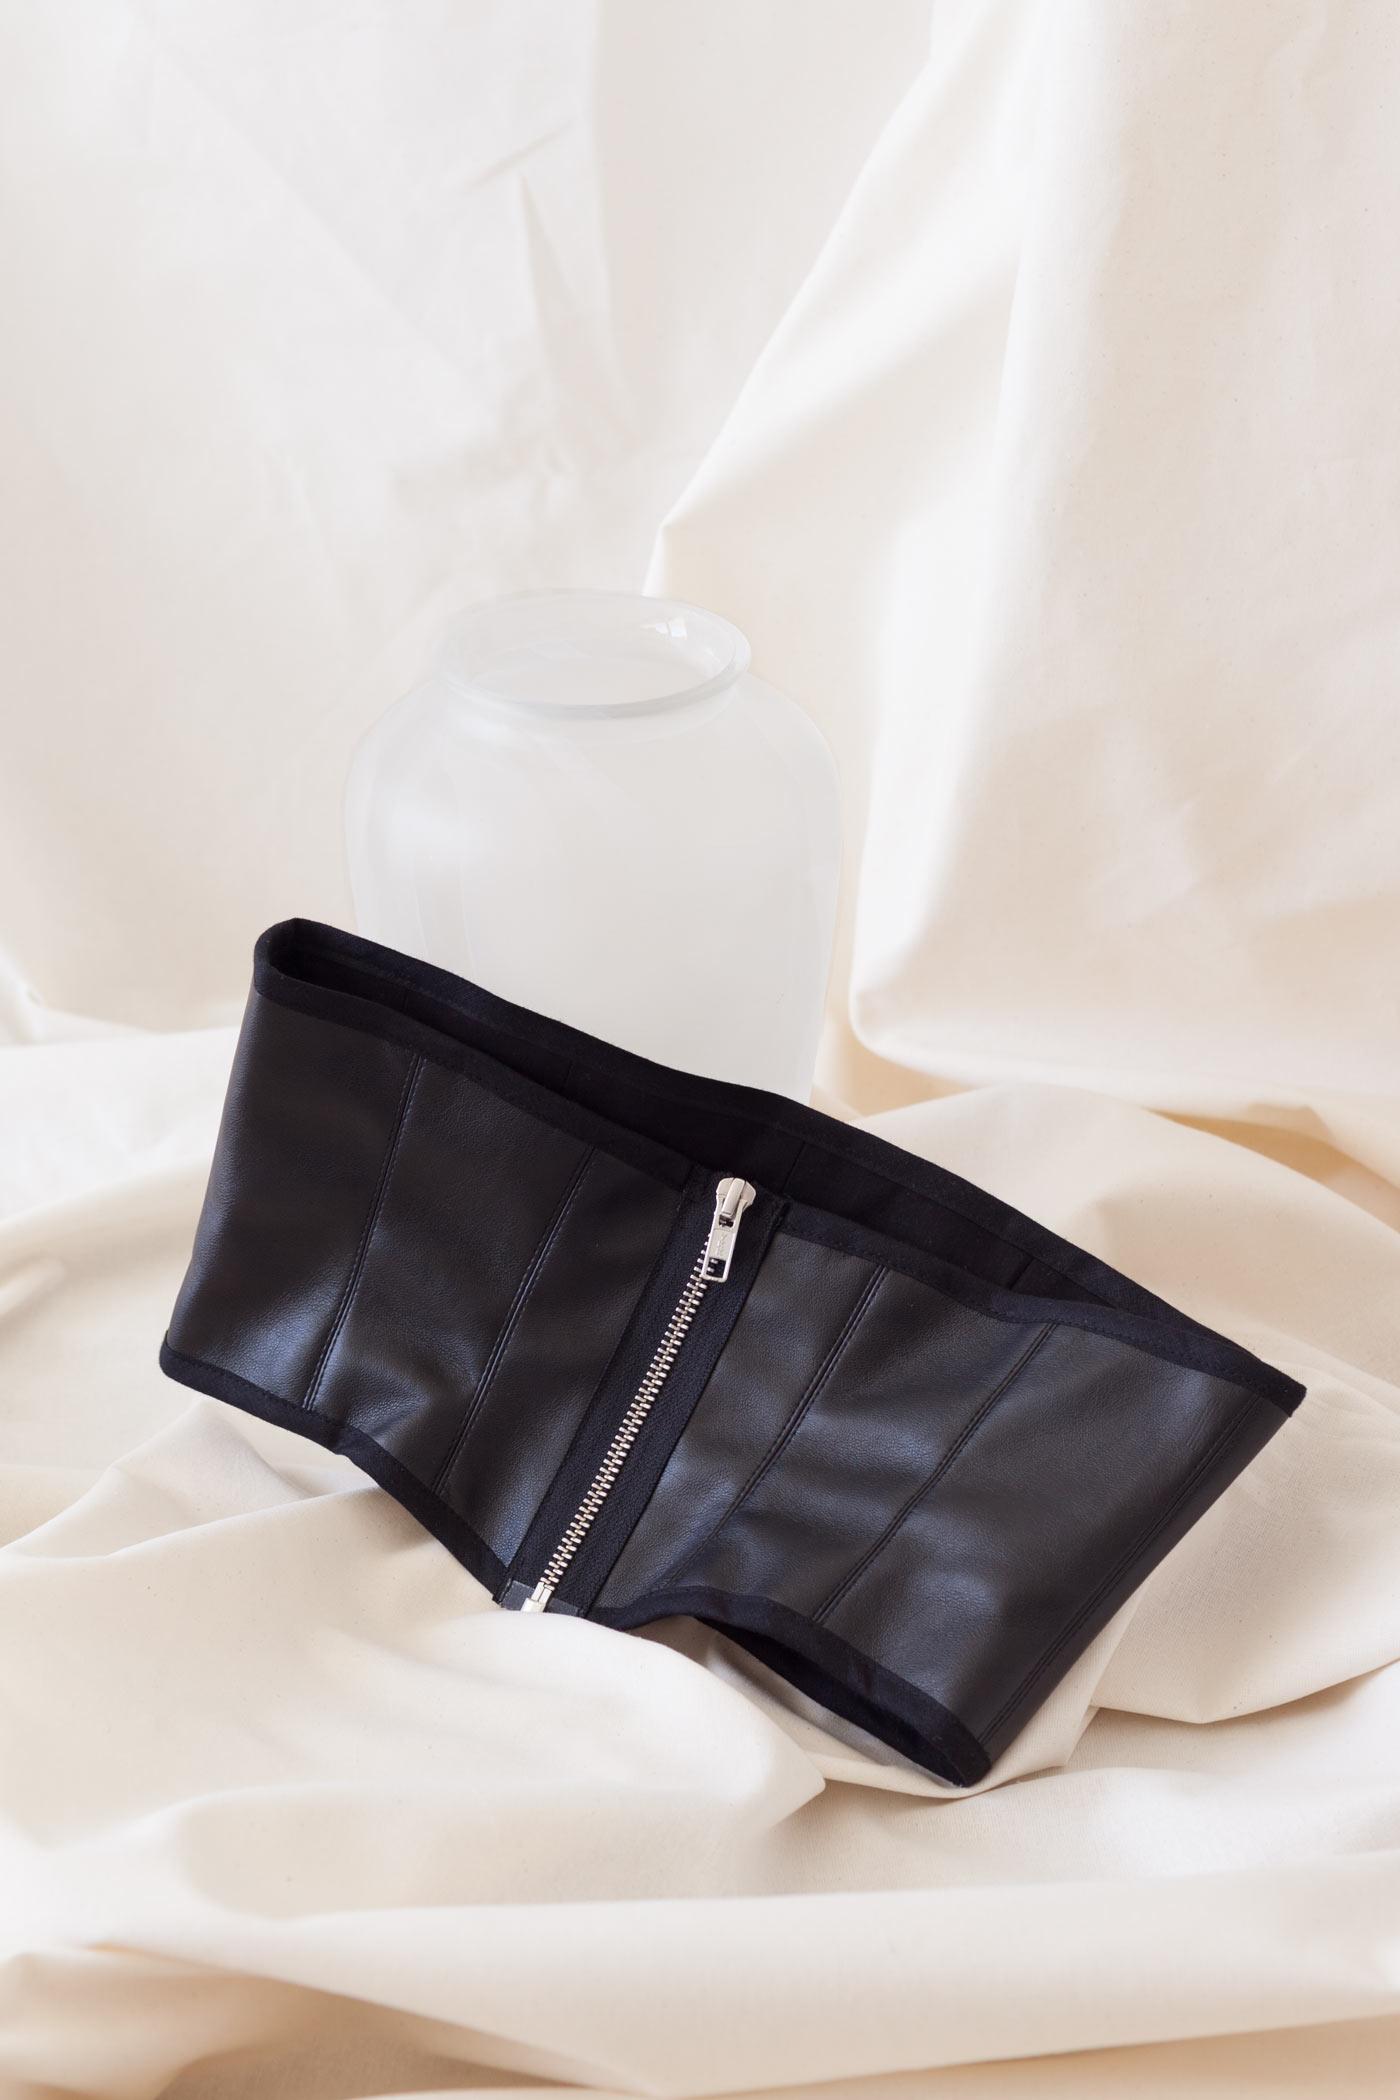 Fair hergestellter Gürtel im Corsagen-Look